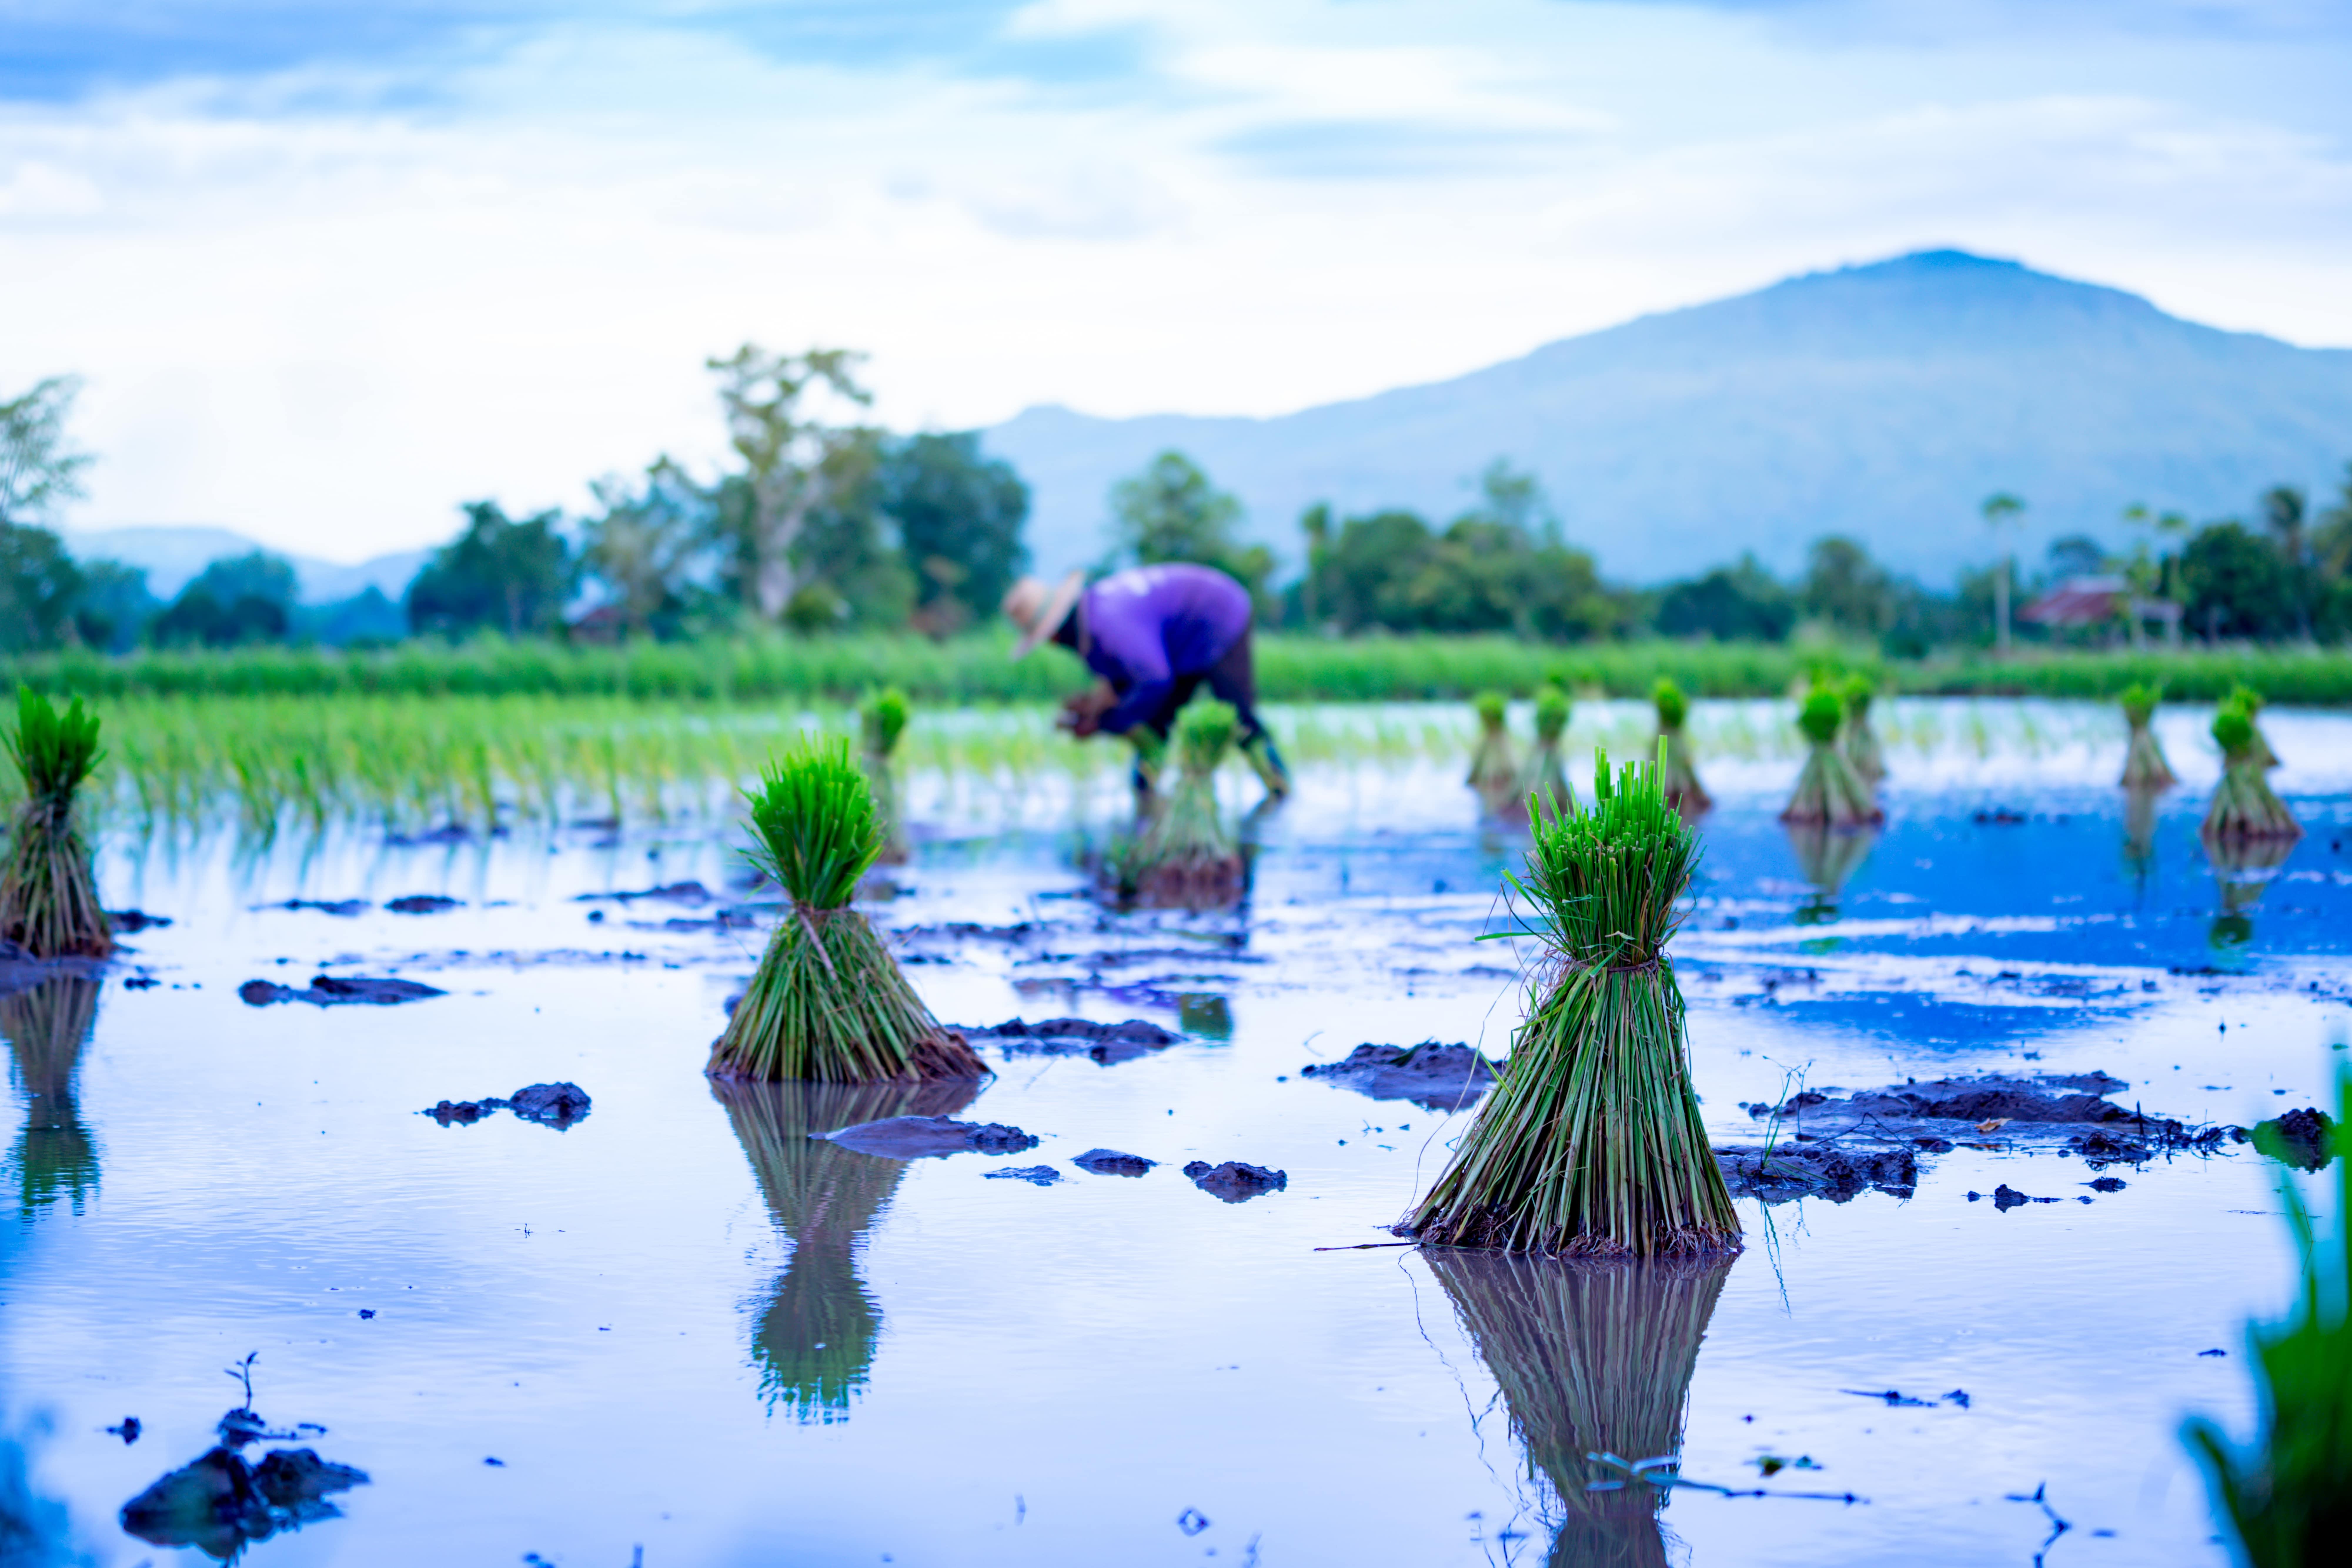 que es la emergencia climatica y como afecta a los cultivos de arroz